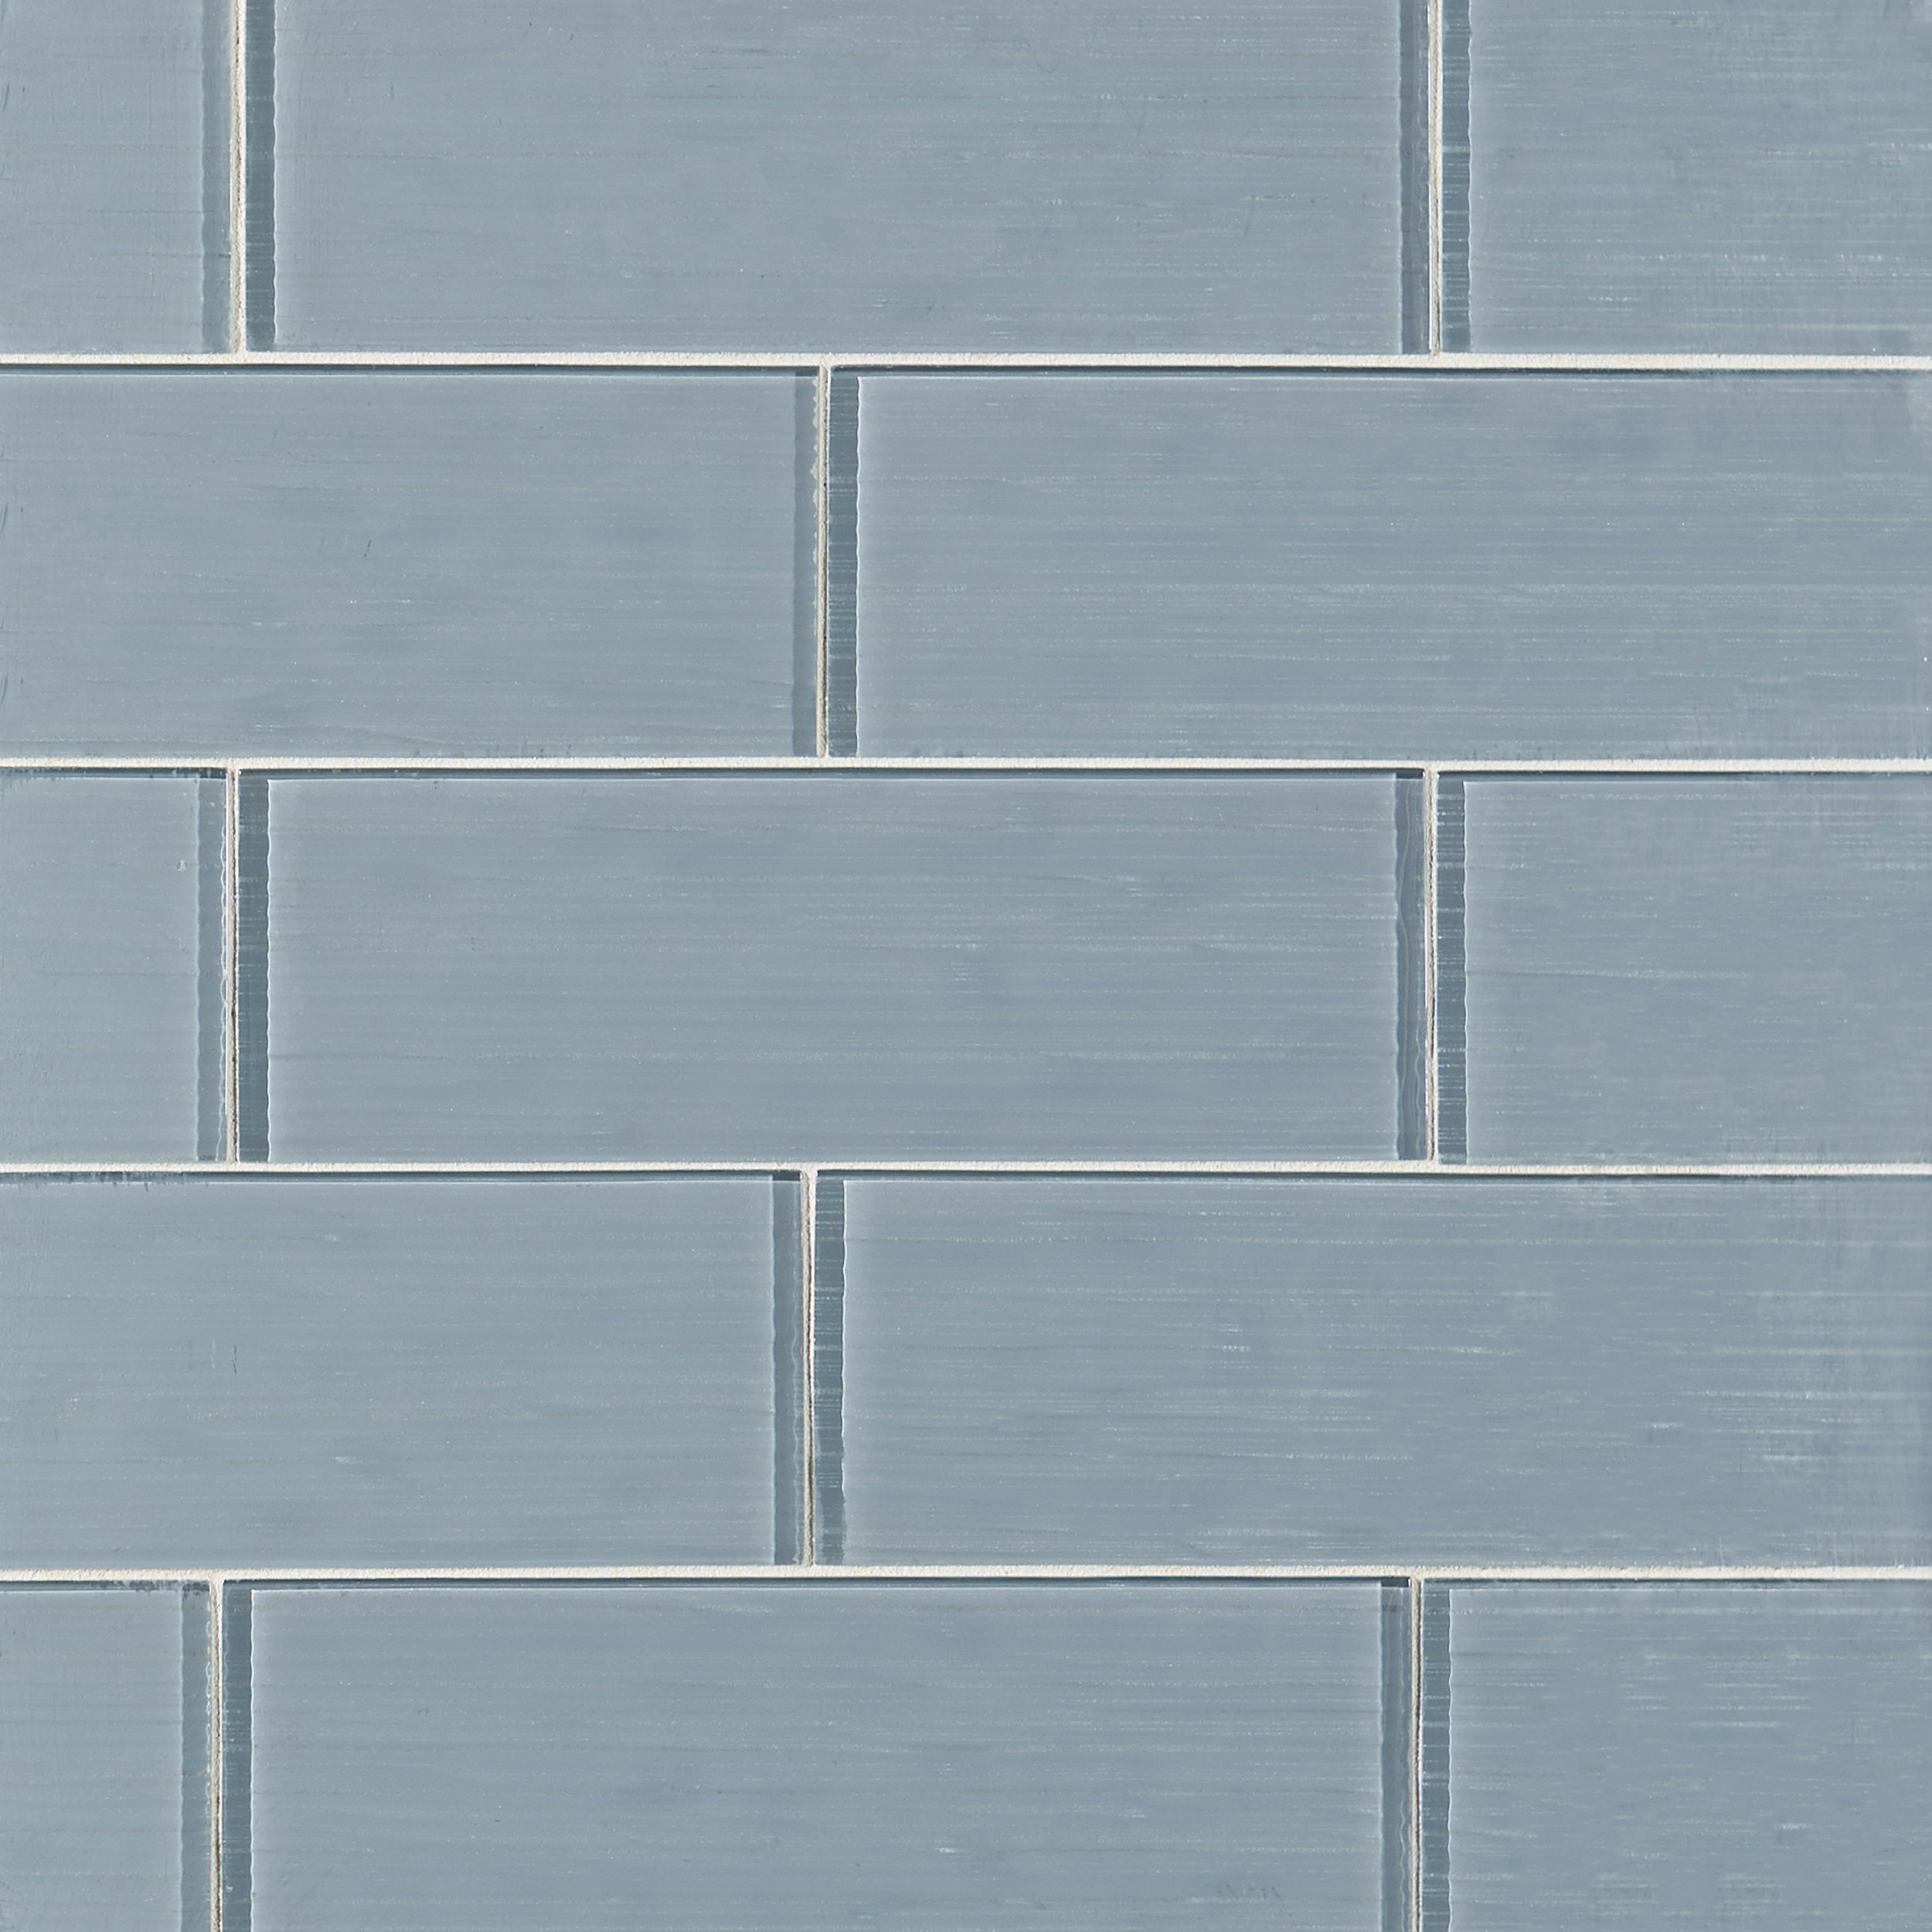 Denim Ceramic Tile - 3 x 12 - 100253459   Floor and Decor